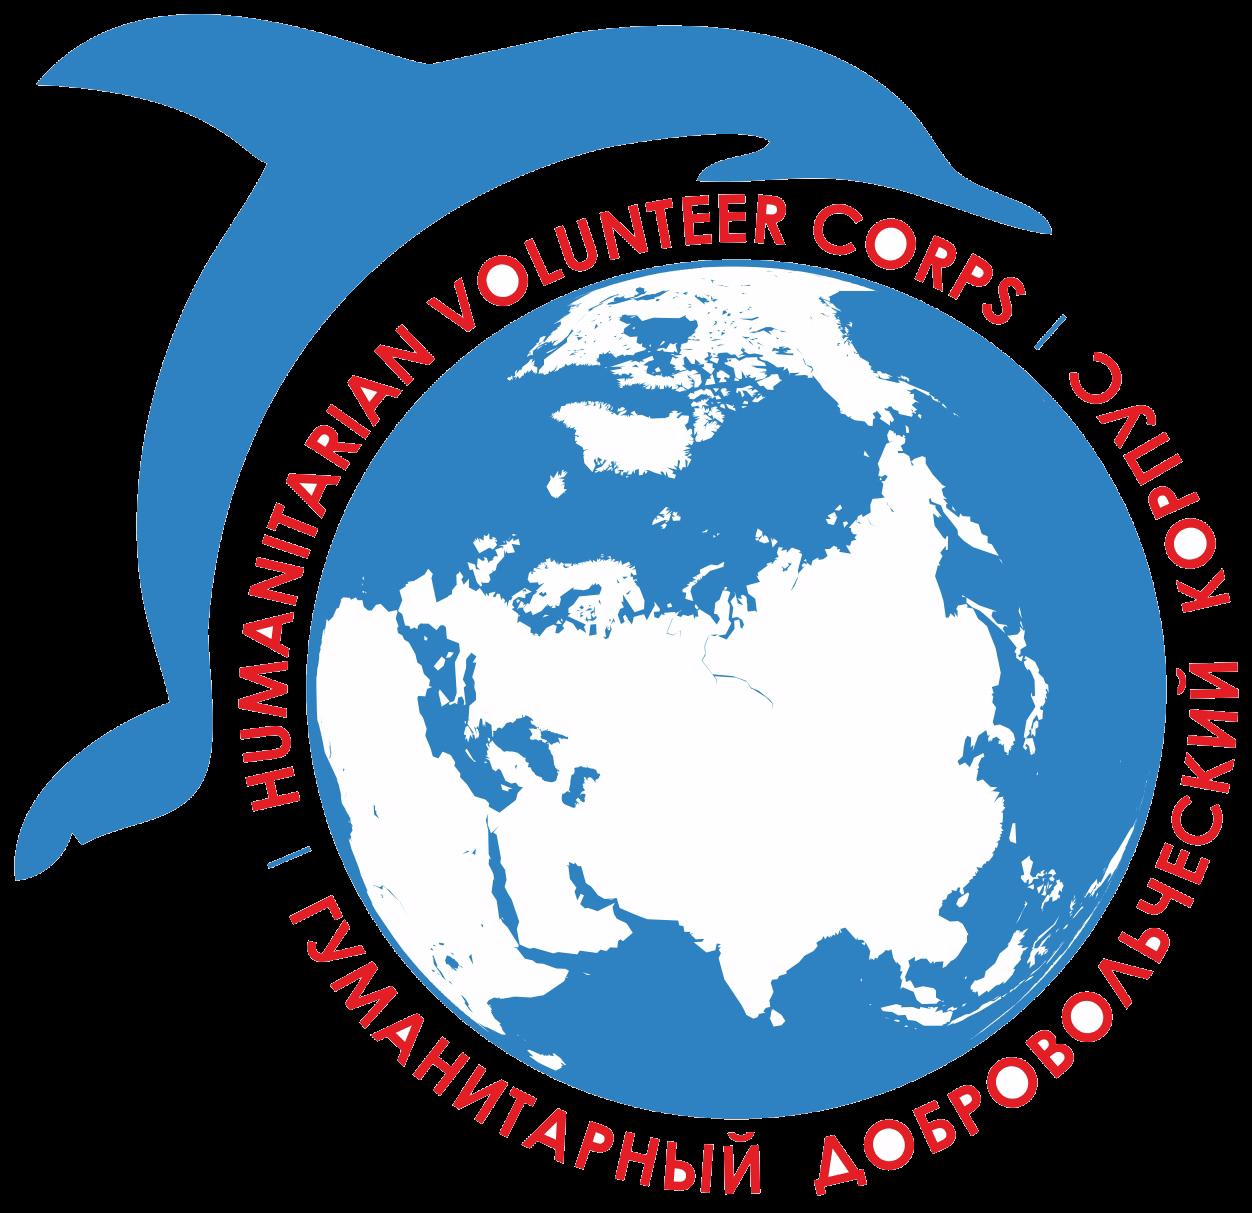 Гуманитарный добровольческий корпус